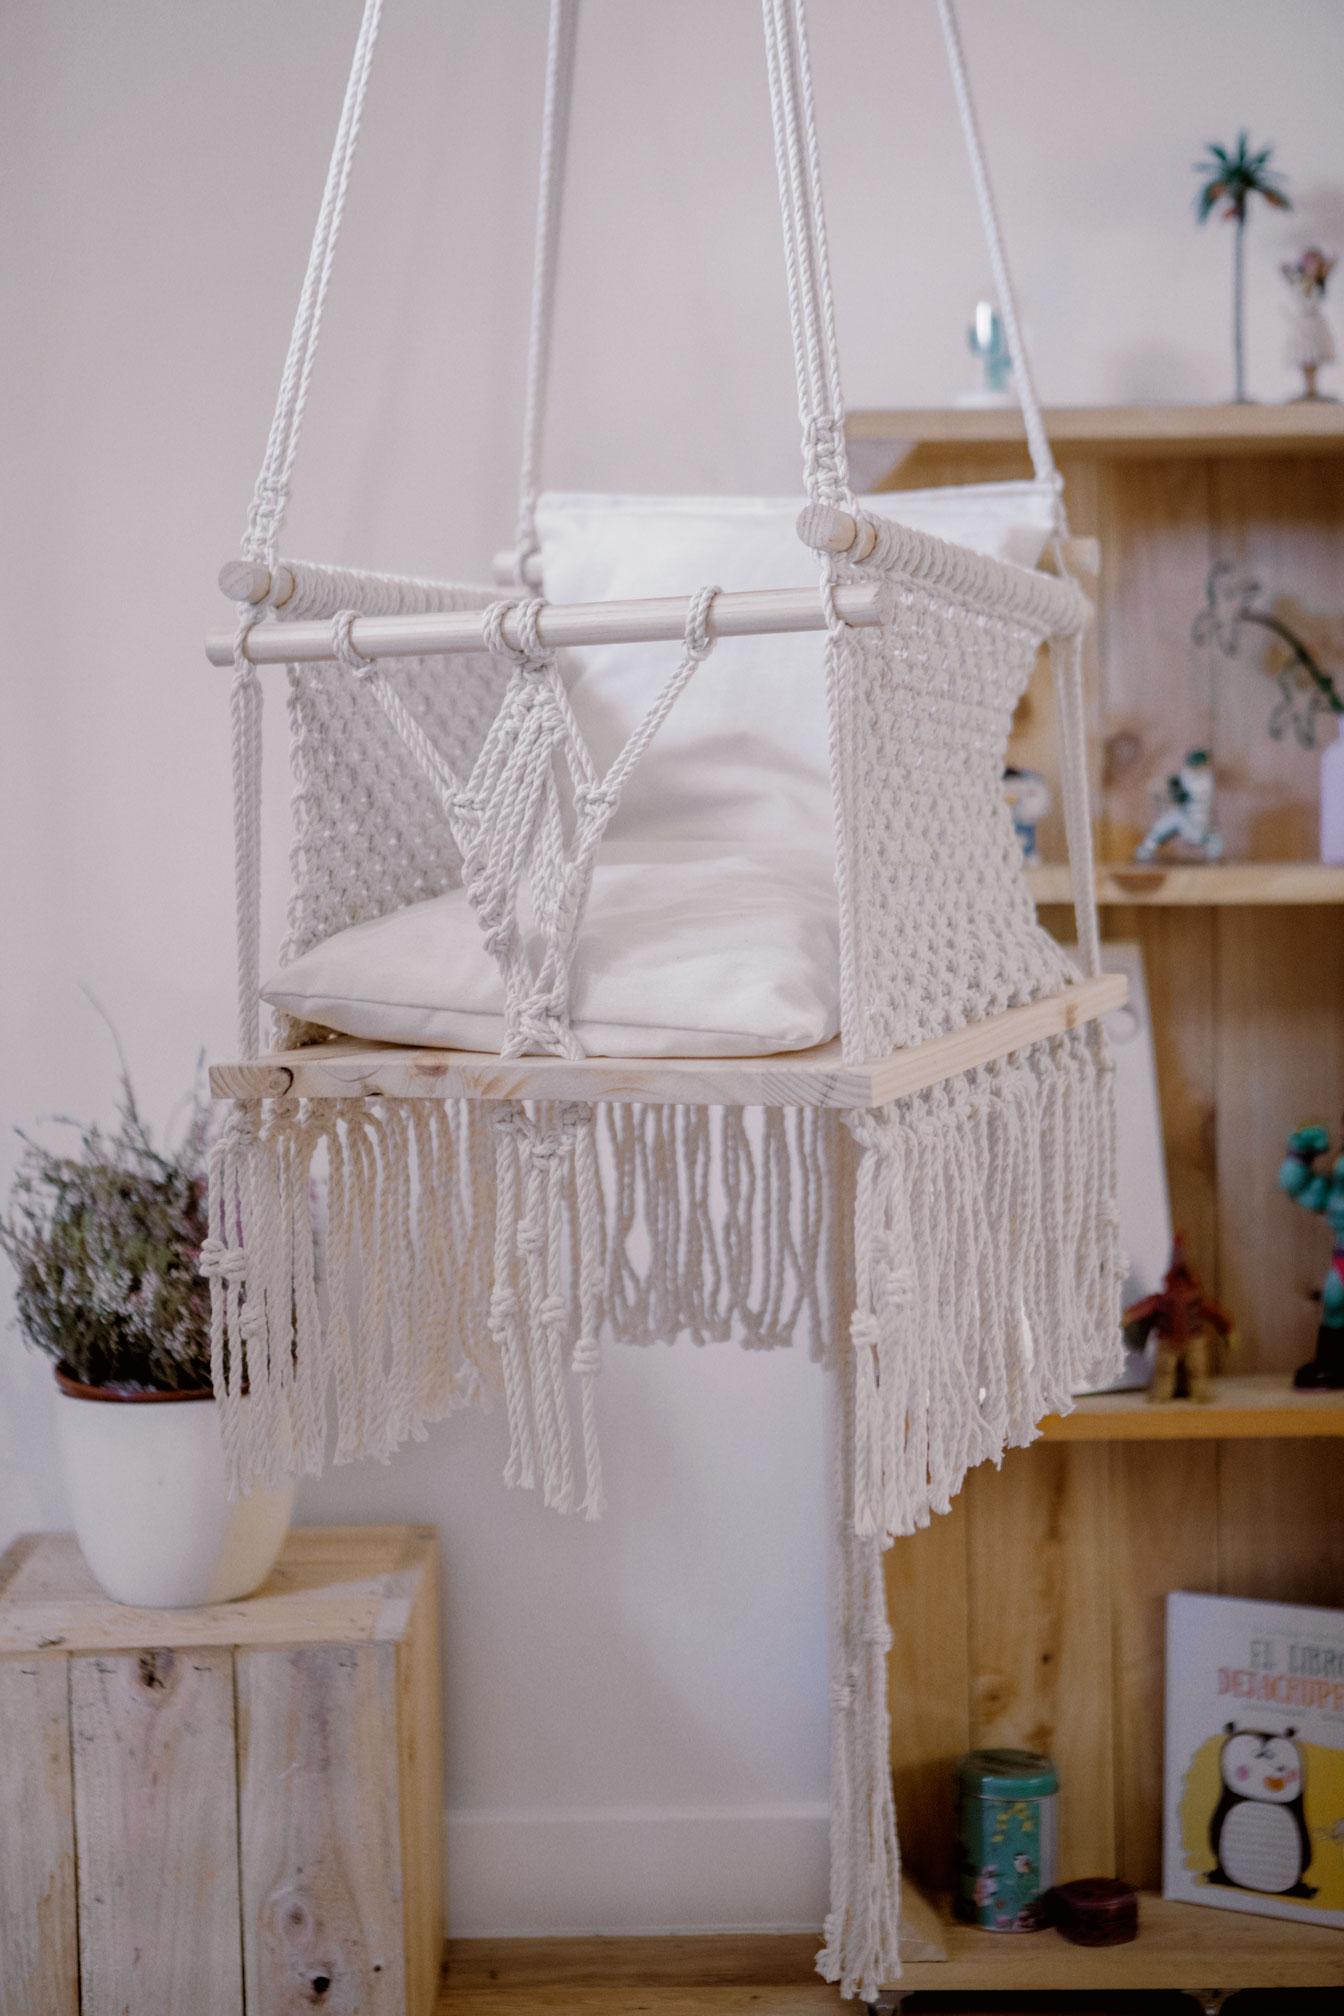 Detalle de silla infantil de macramé hecha a mano con materiales sostnibles y un cojín con respaldo relleno de guata